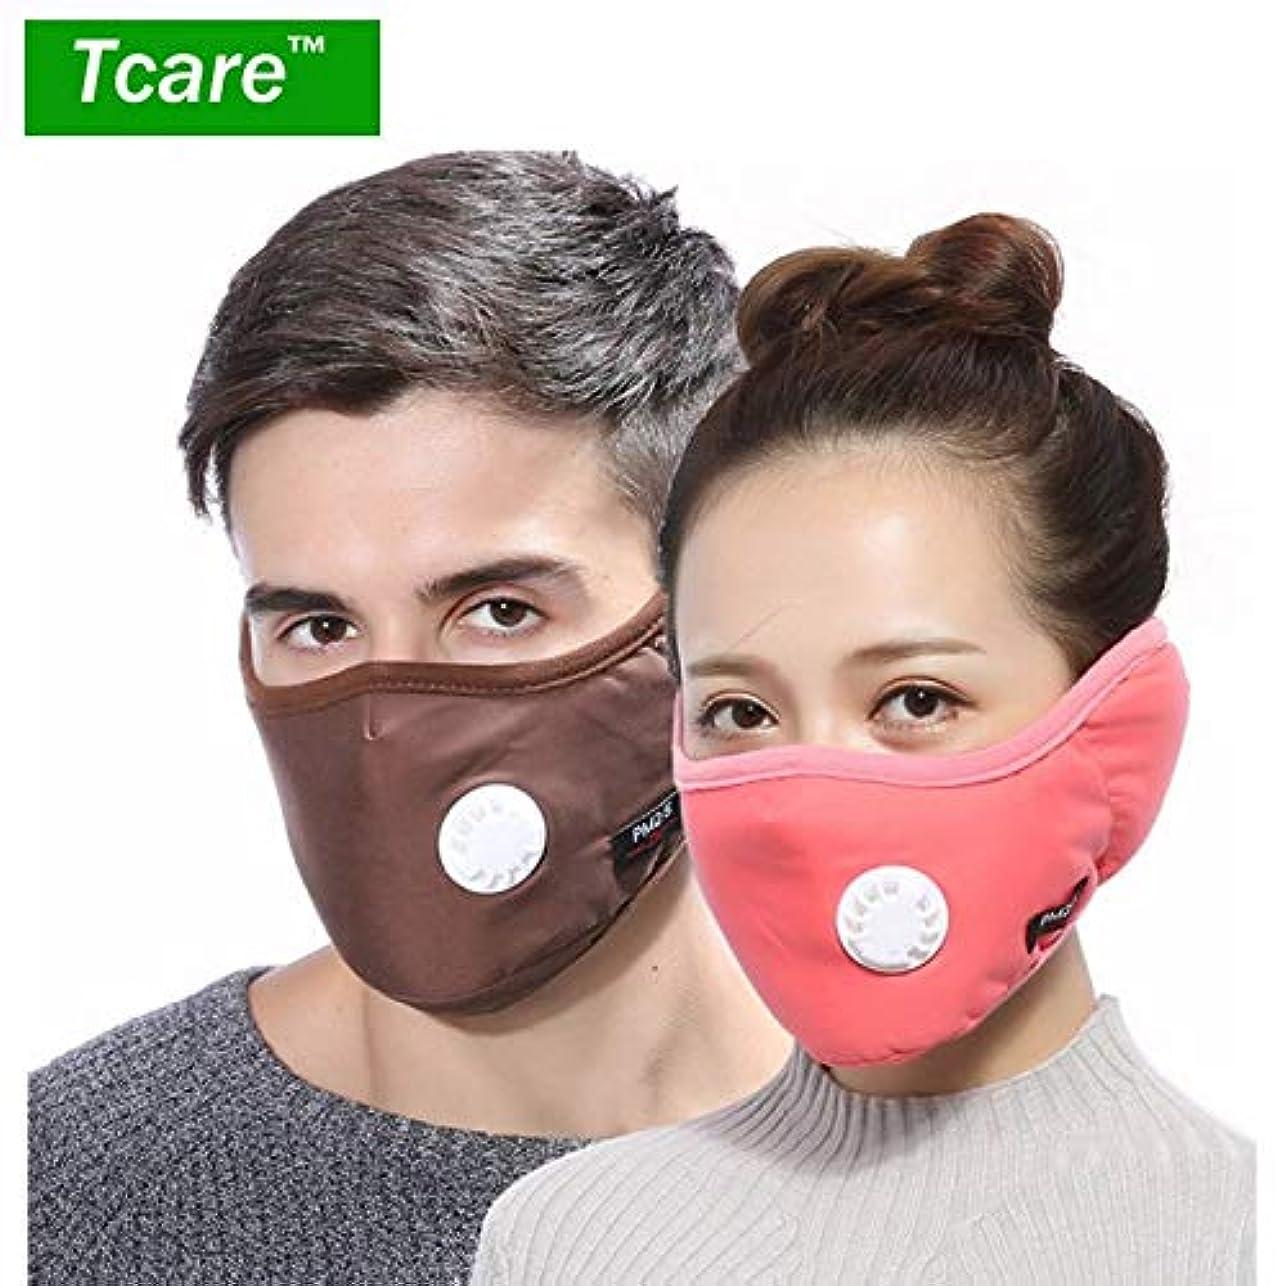 句クラシカル埋める8ダークピンク:1 PM2.5マスクバルブコットンアンチダスト口マスクの冬のイヤーマフActtedフィルター付マスクでTcare 2